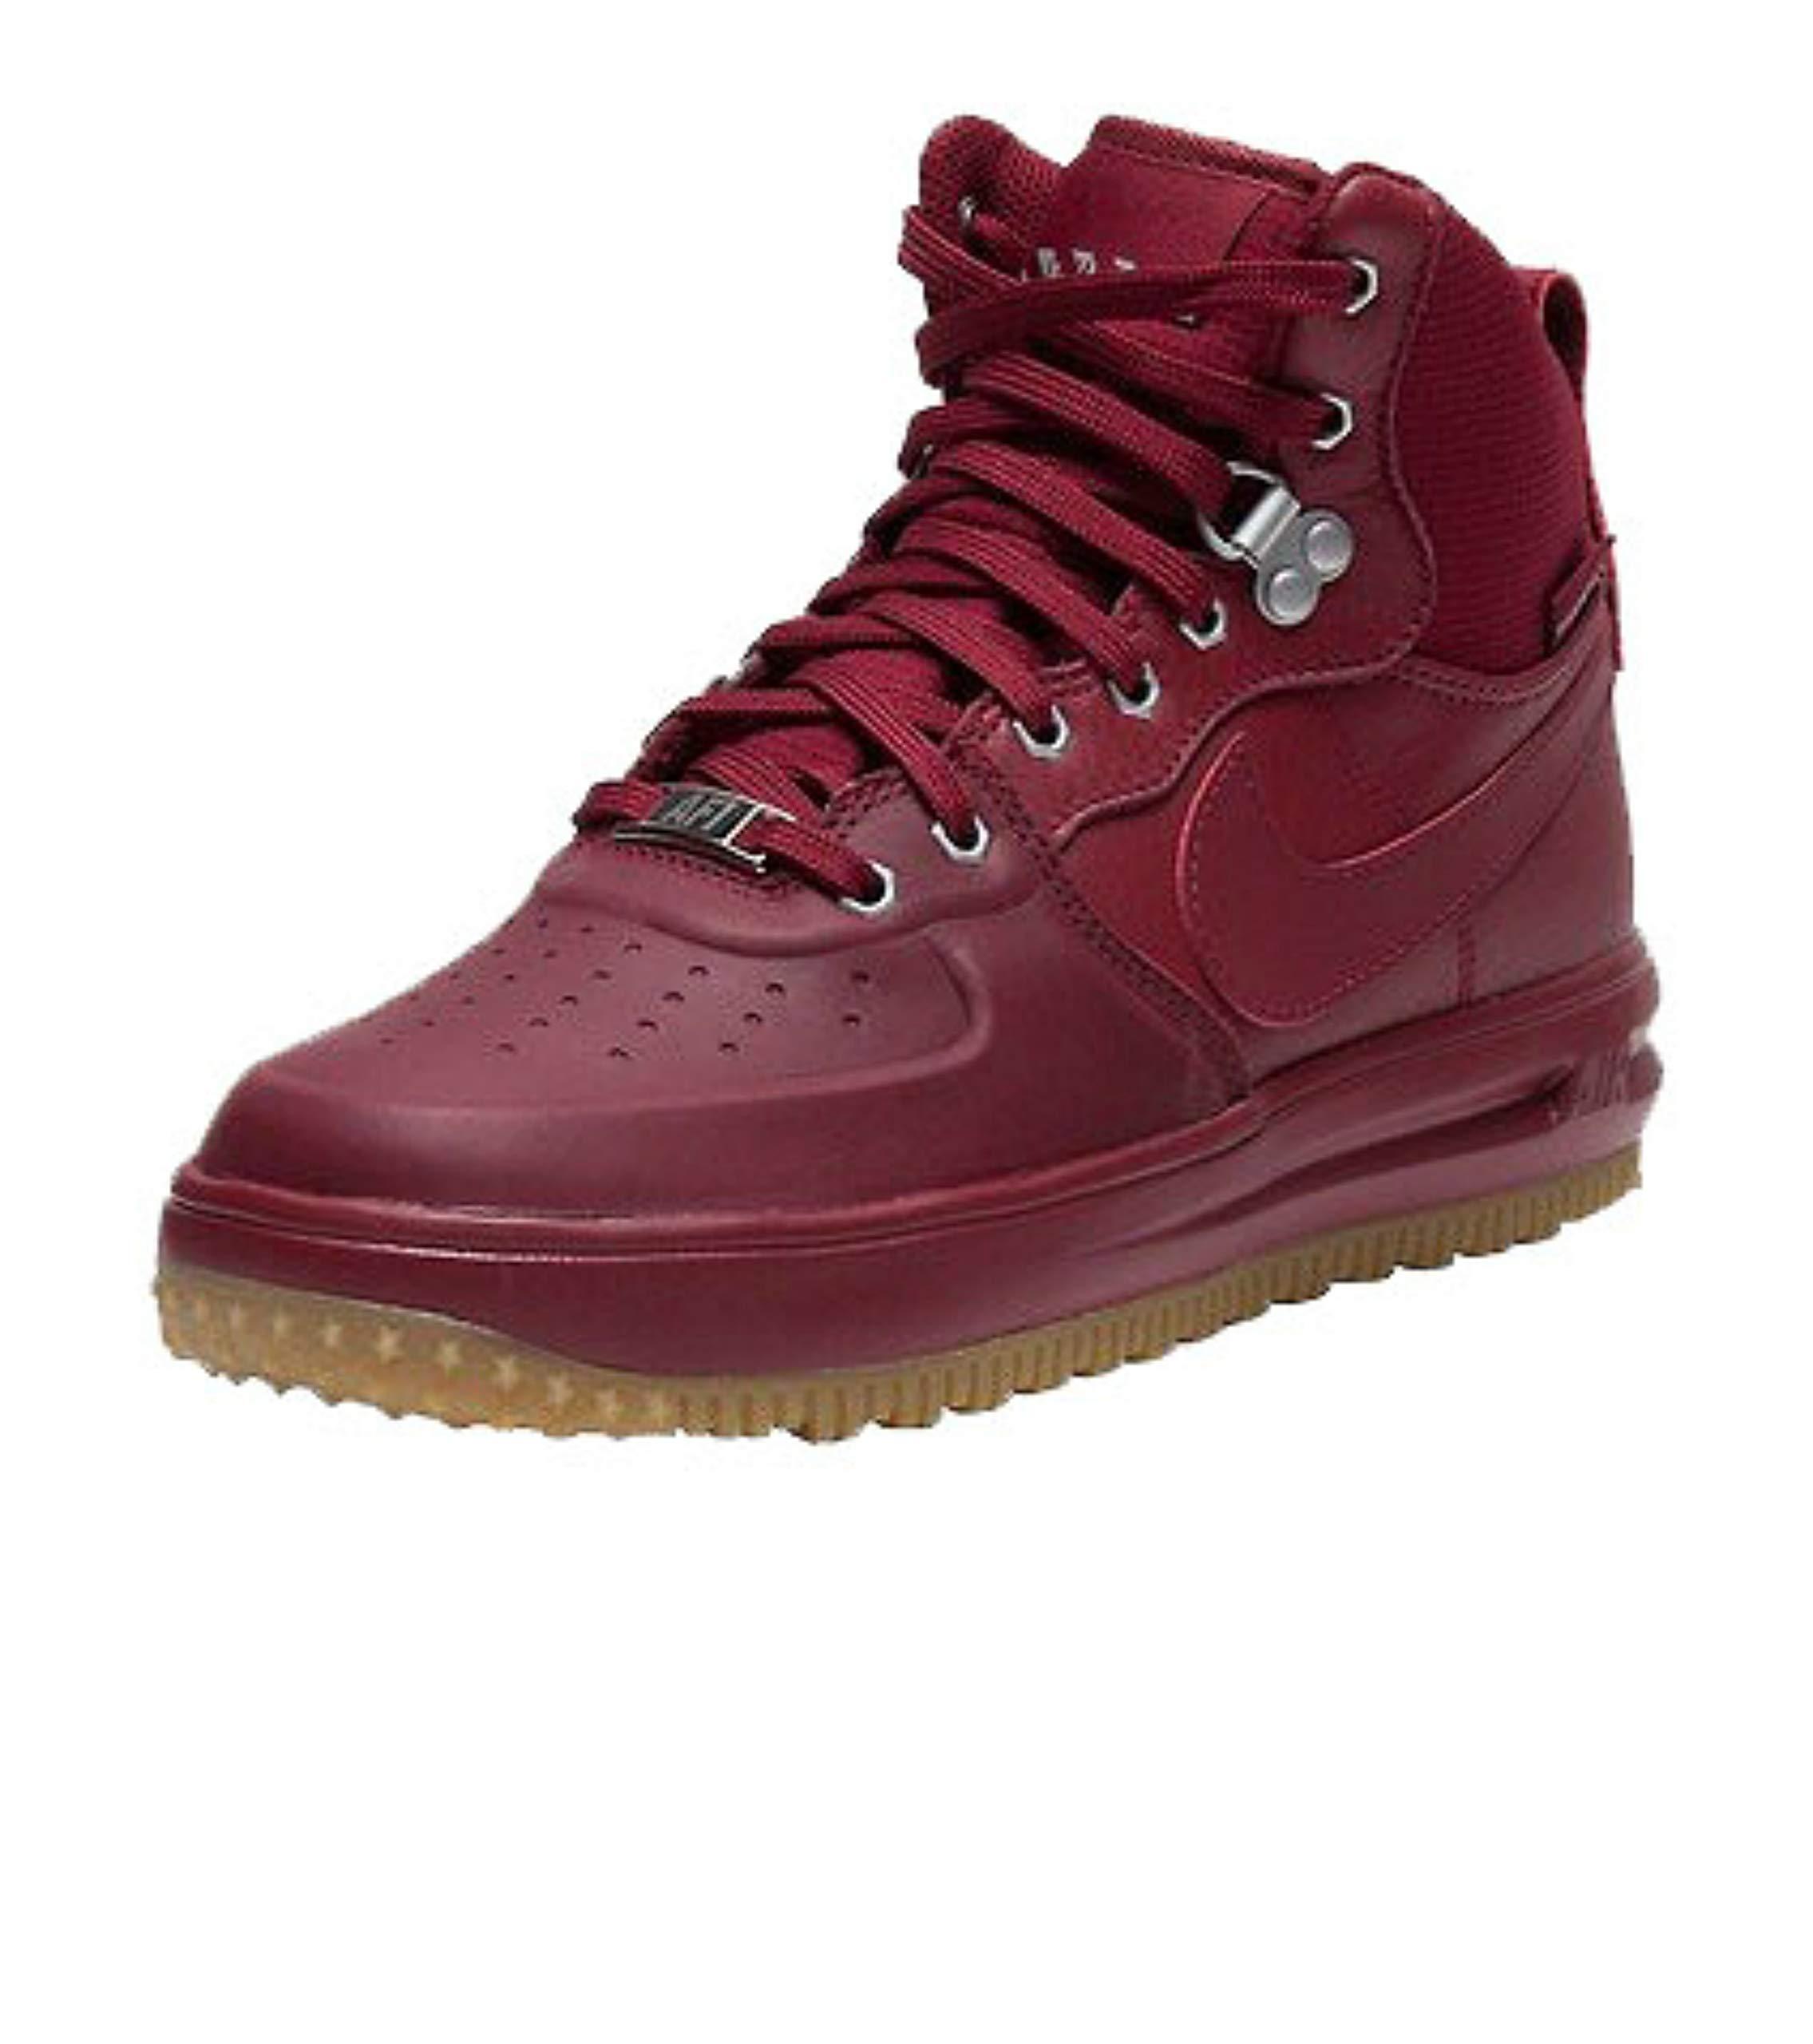 Nike Lunar Force 1 Sneakerboot Team Red/Team Red (4.5 M US Big Kid)